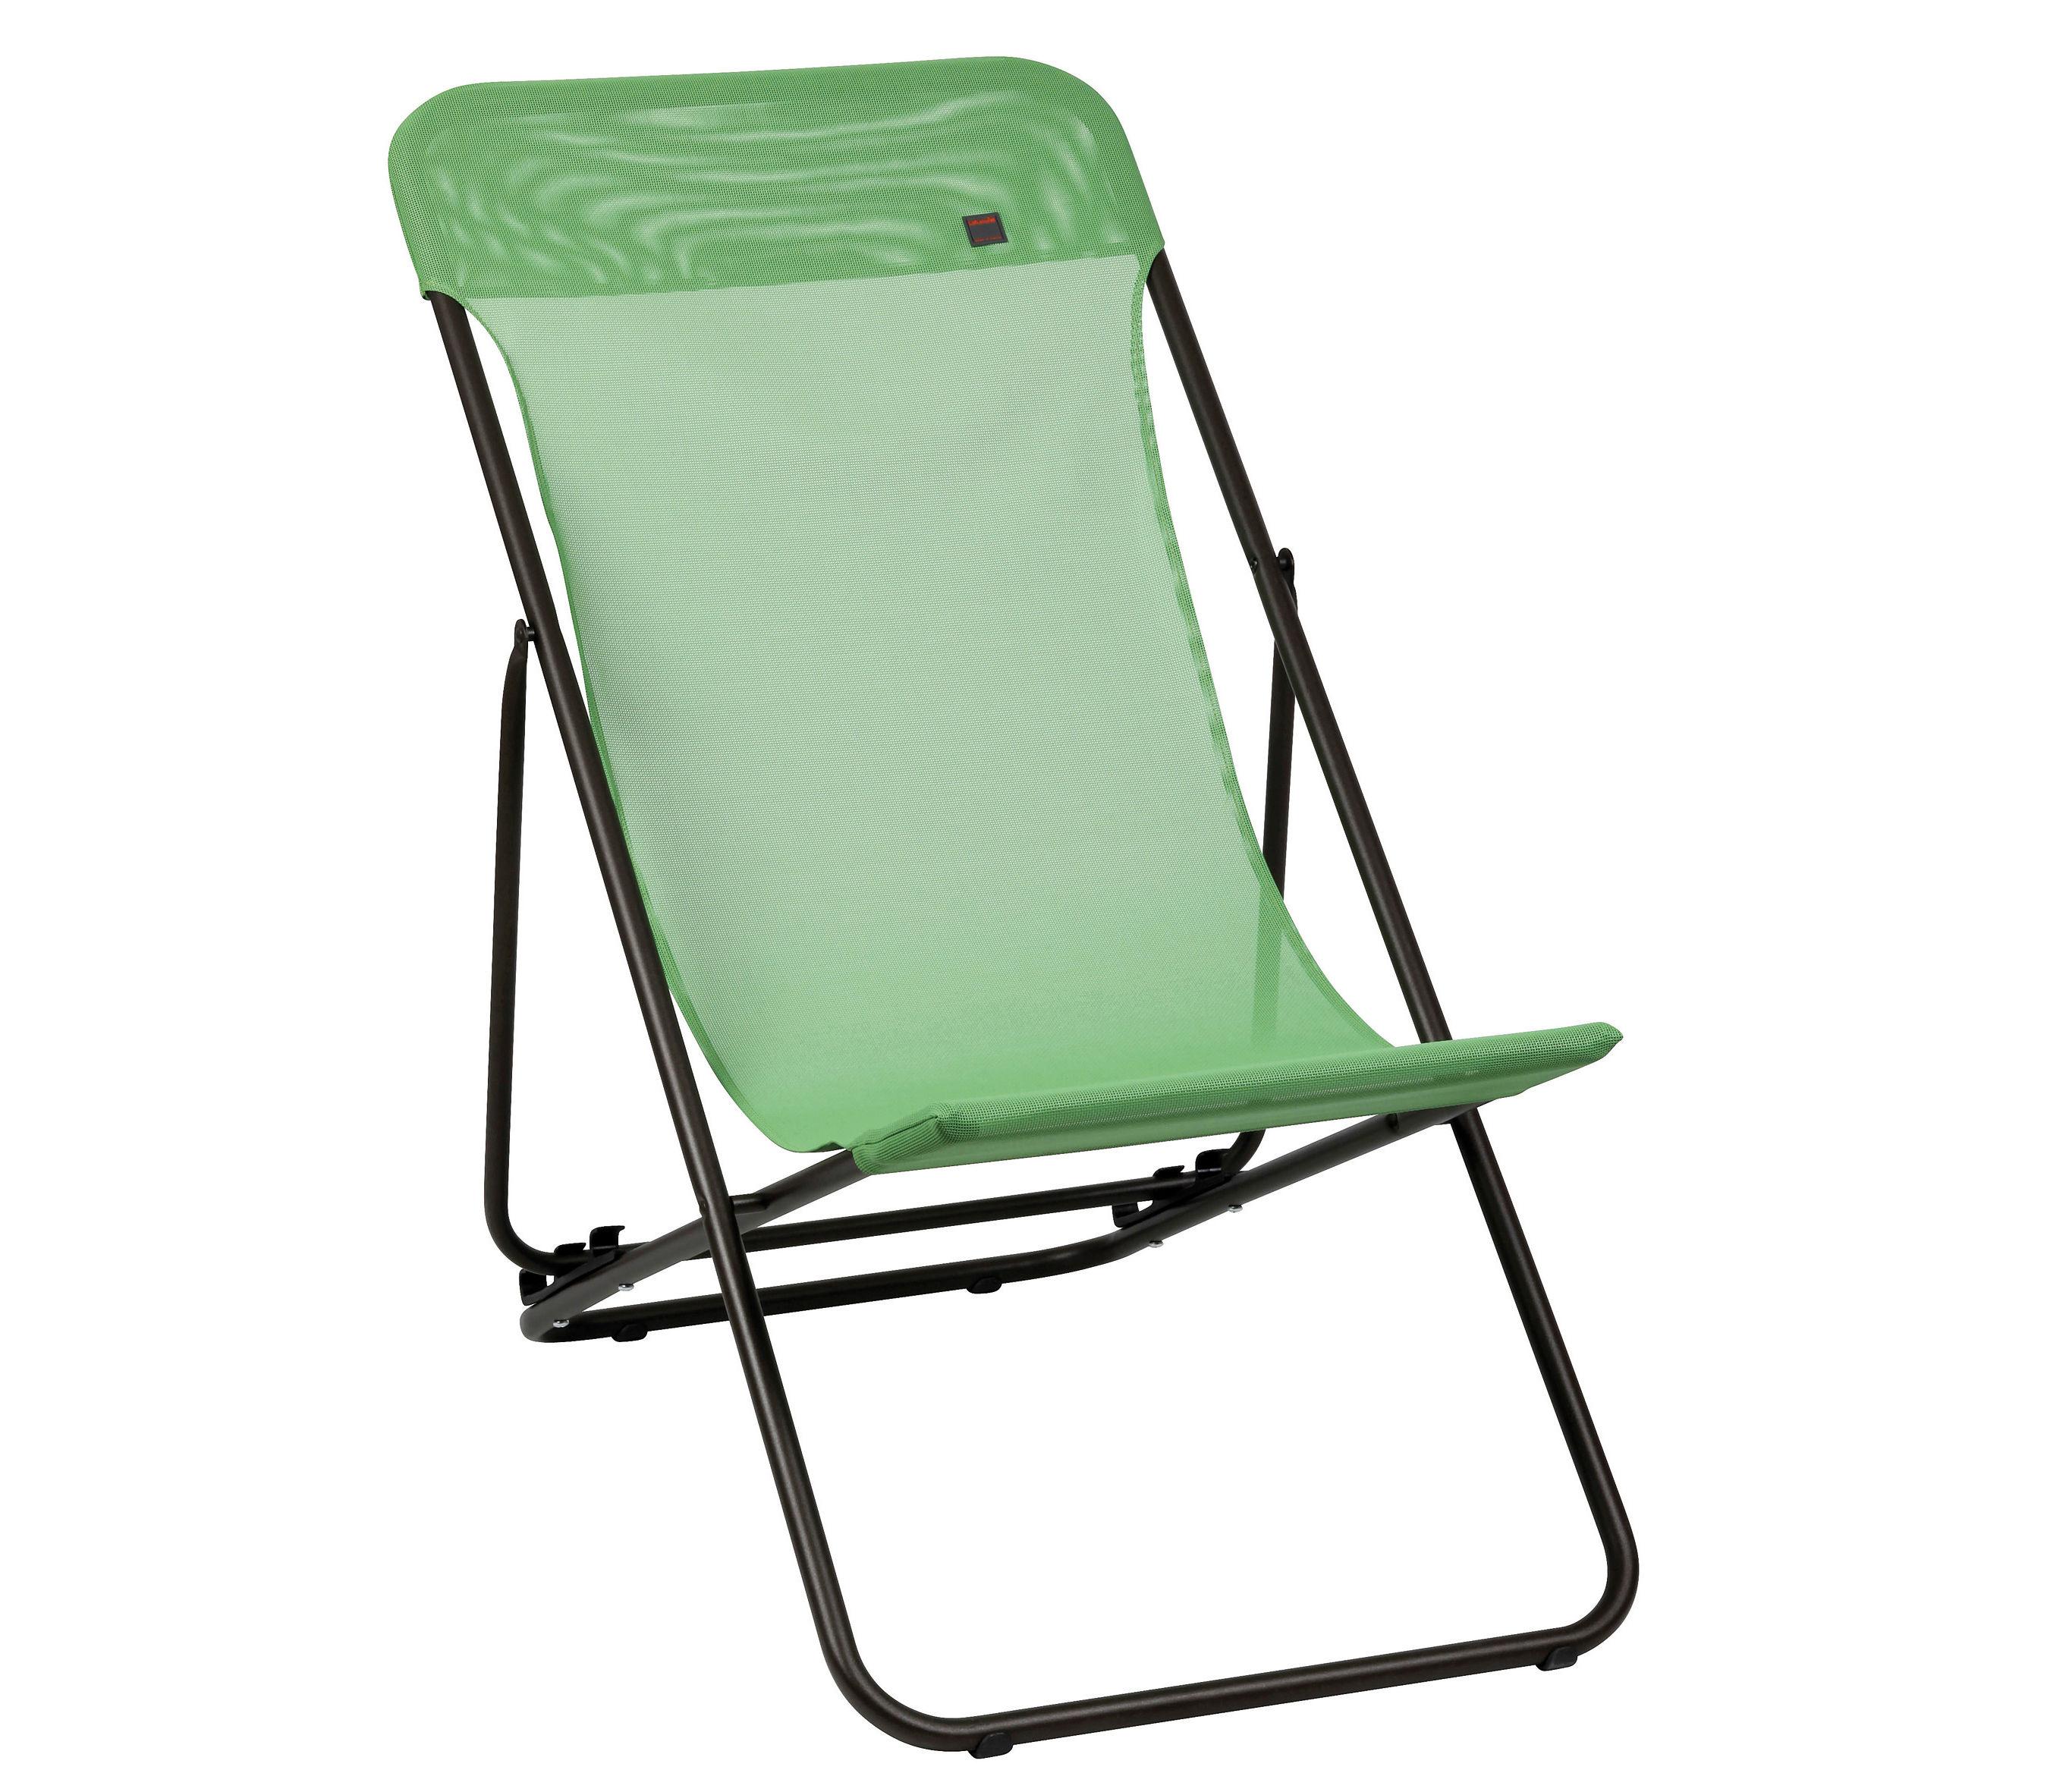 Chaise longue Transatube / Pliable - 3 positions Granny